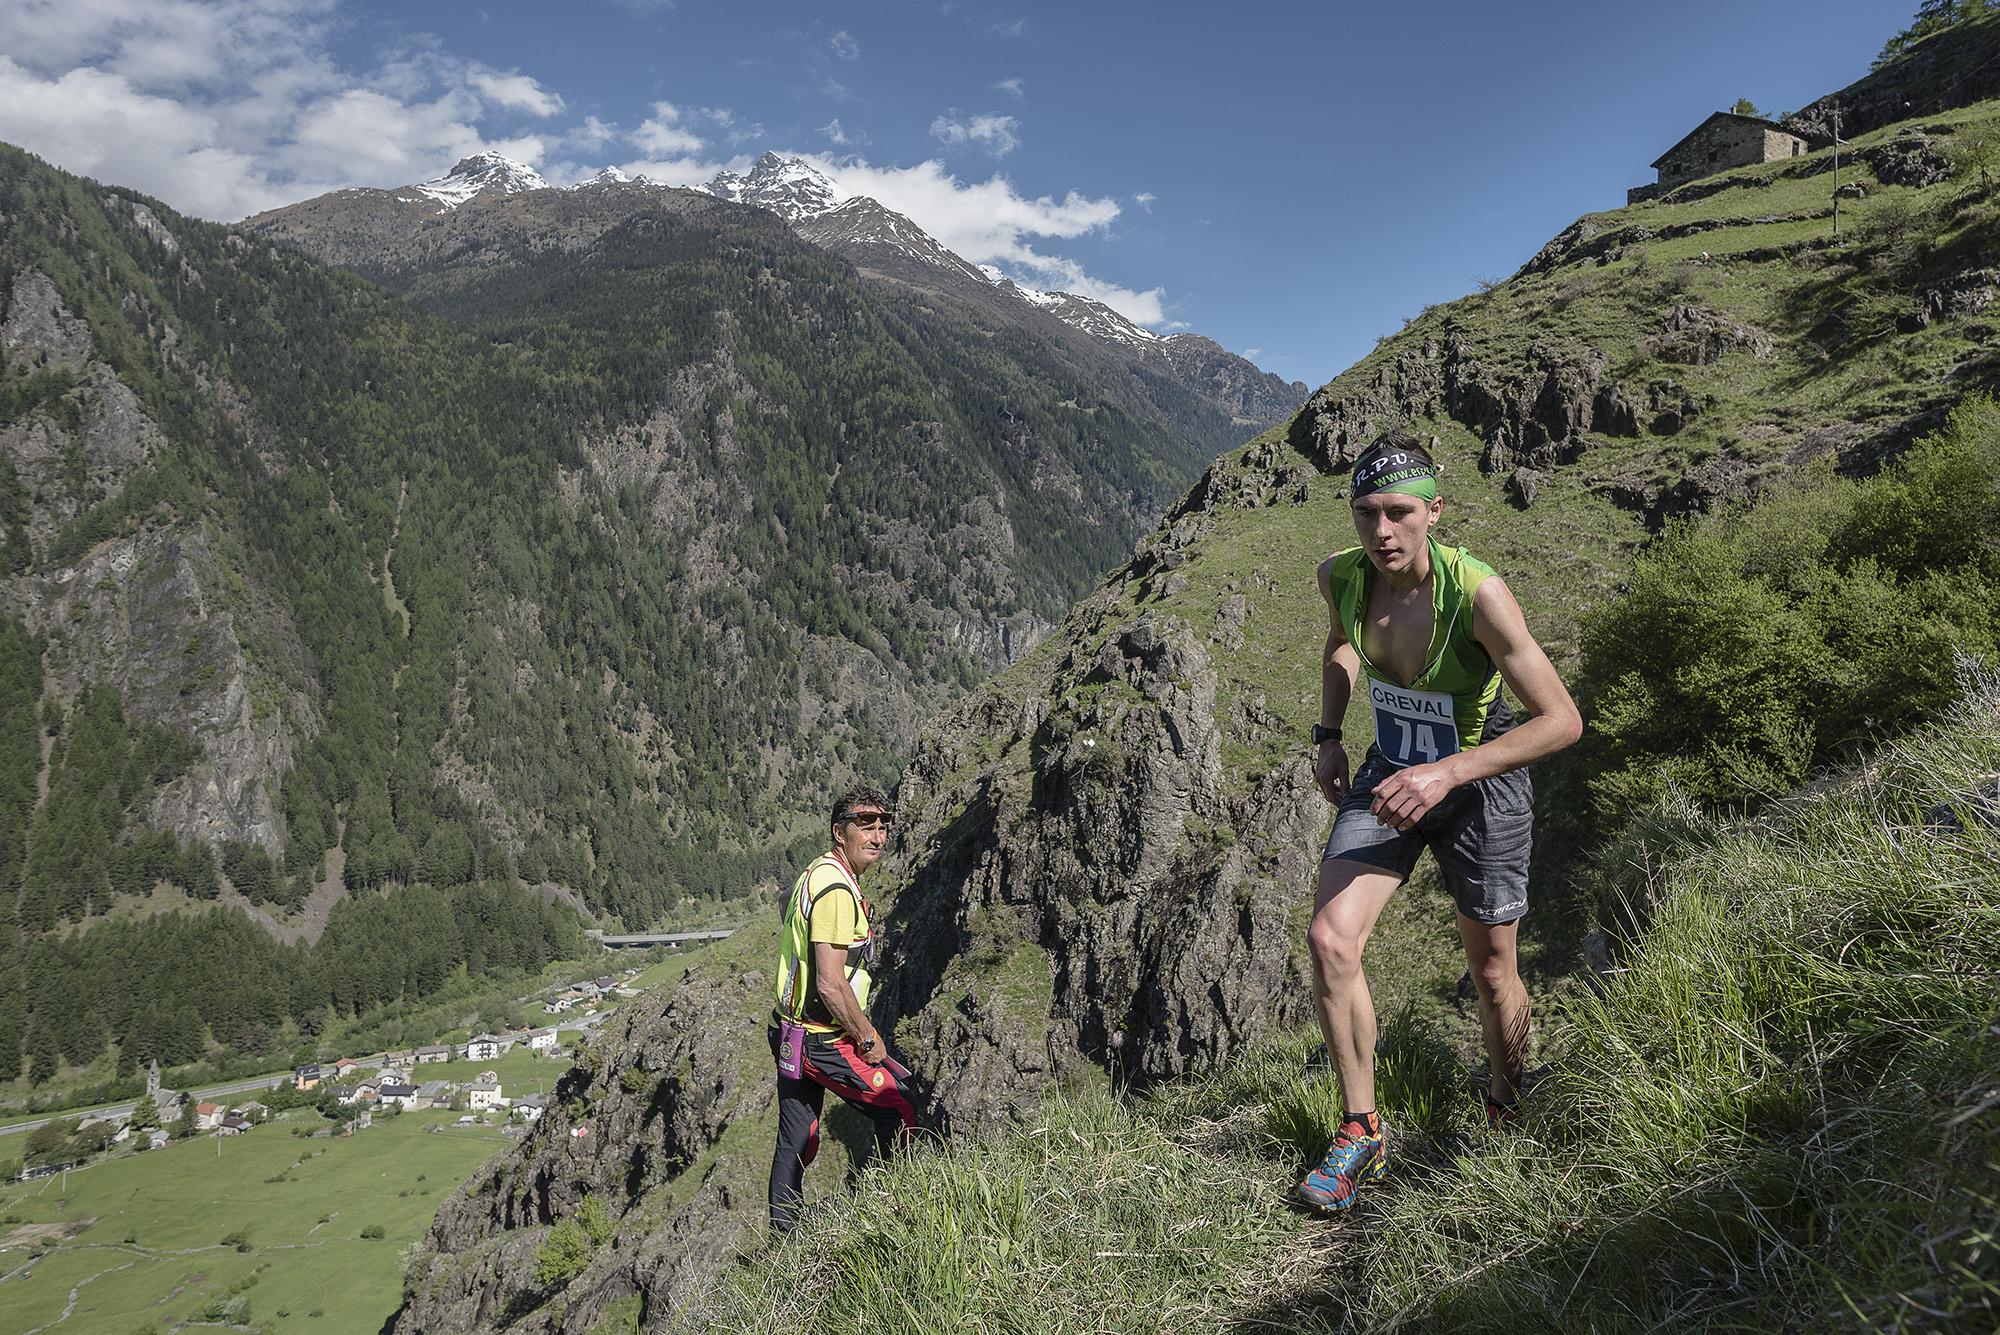 Corsa in montagna: domenica appuntamento in Valtellina